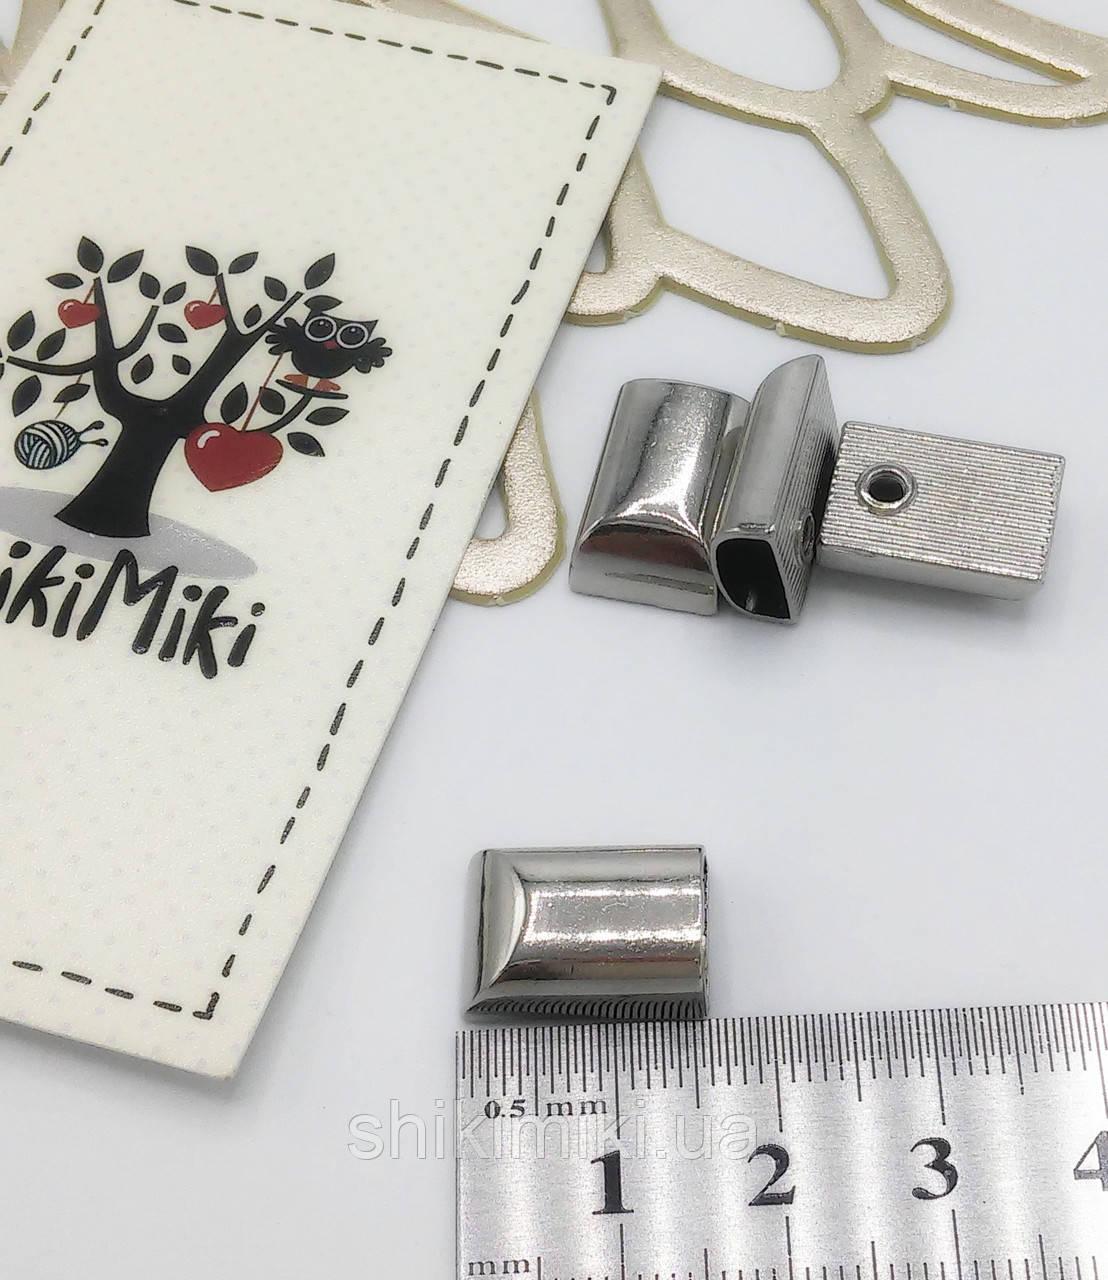 Наконечник NK02-1 (15 мм), цвет никель